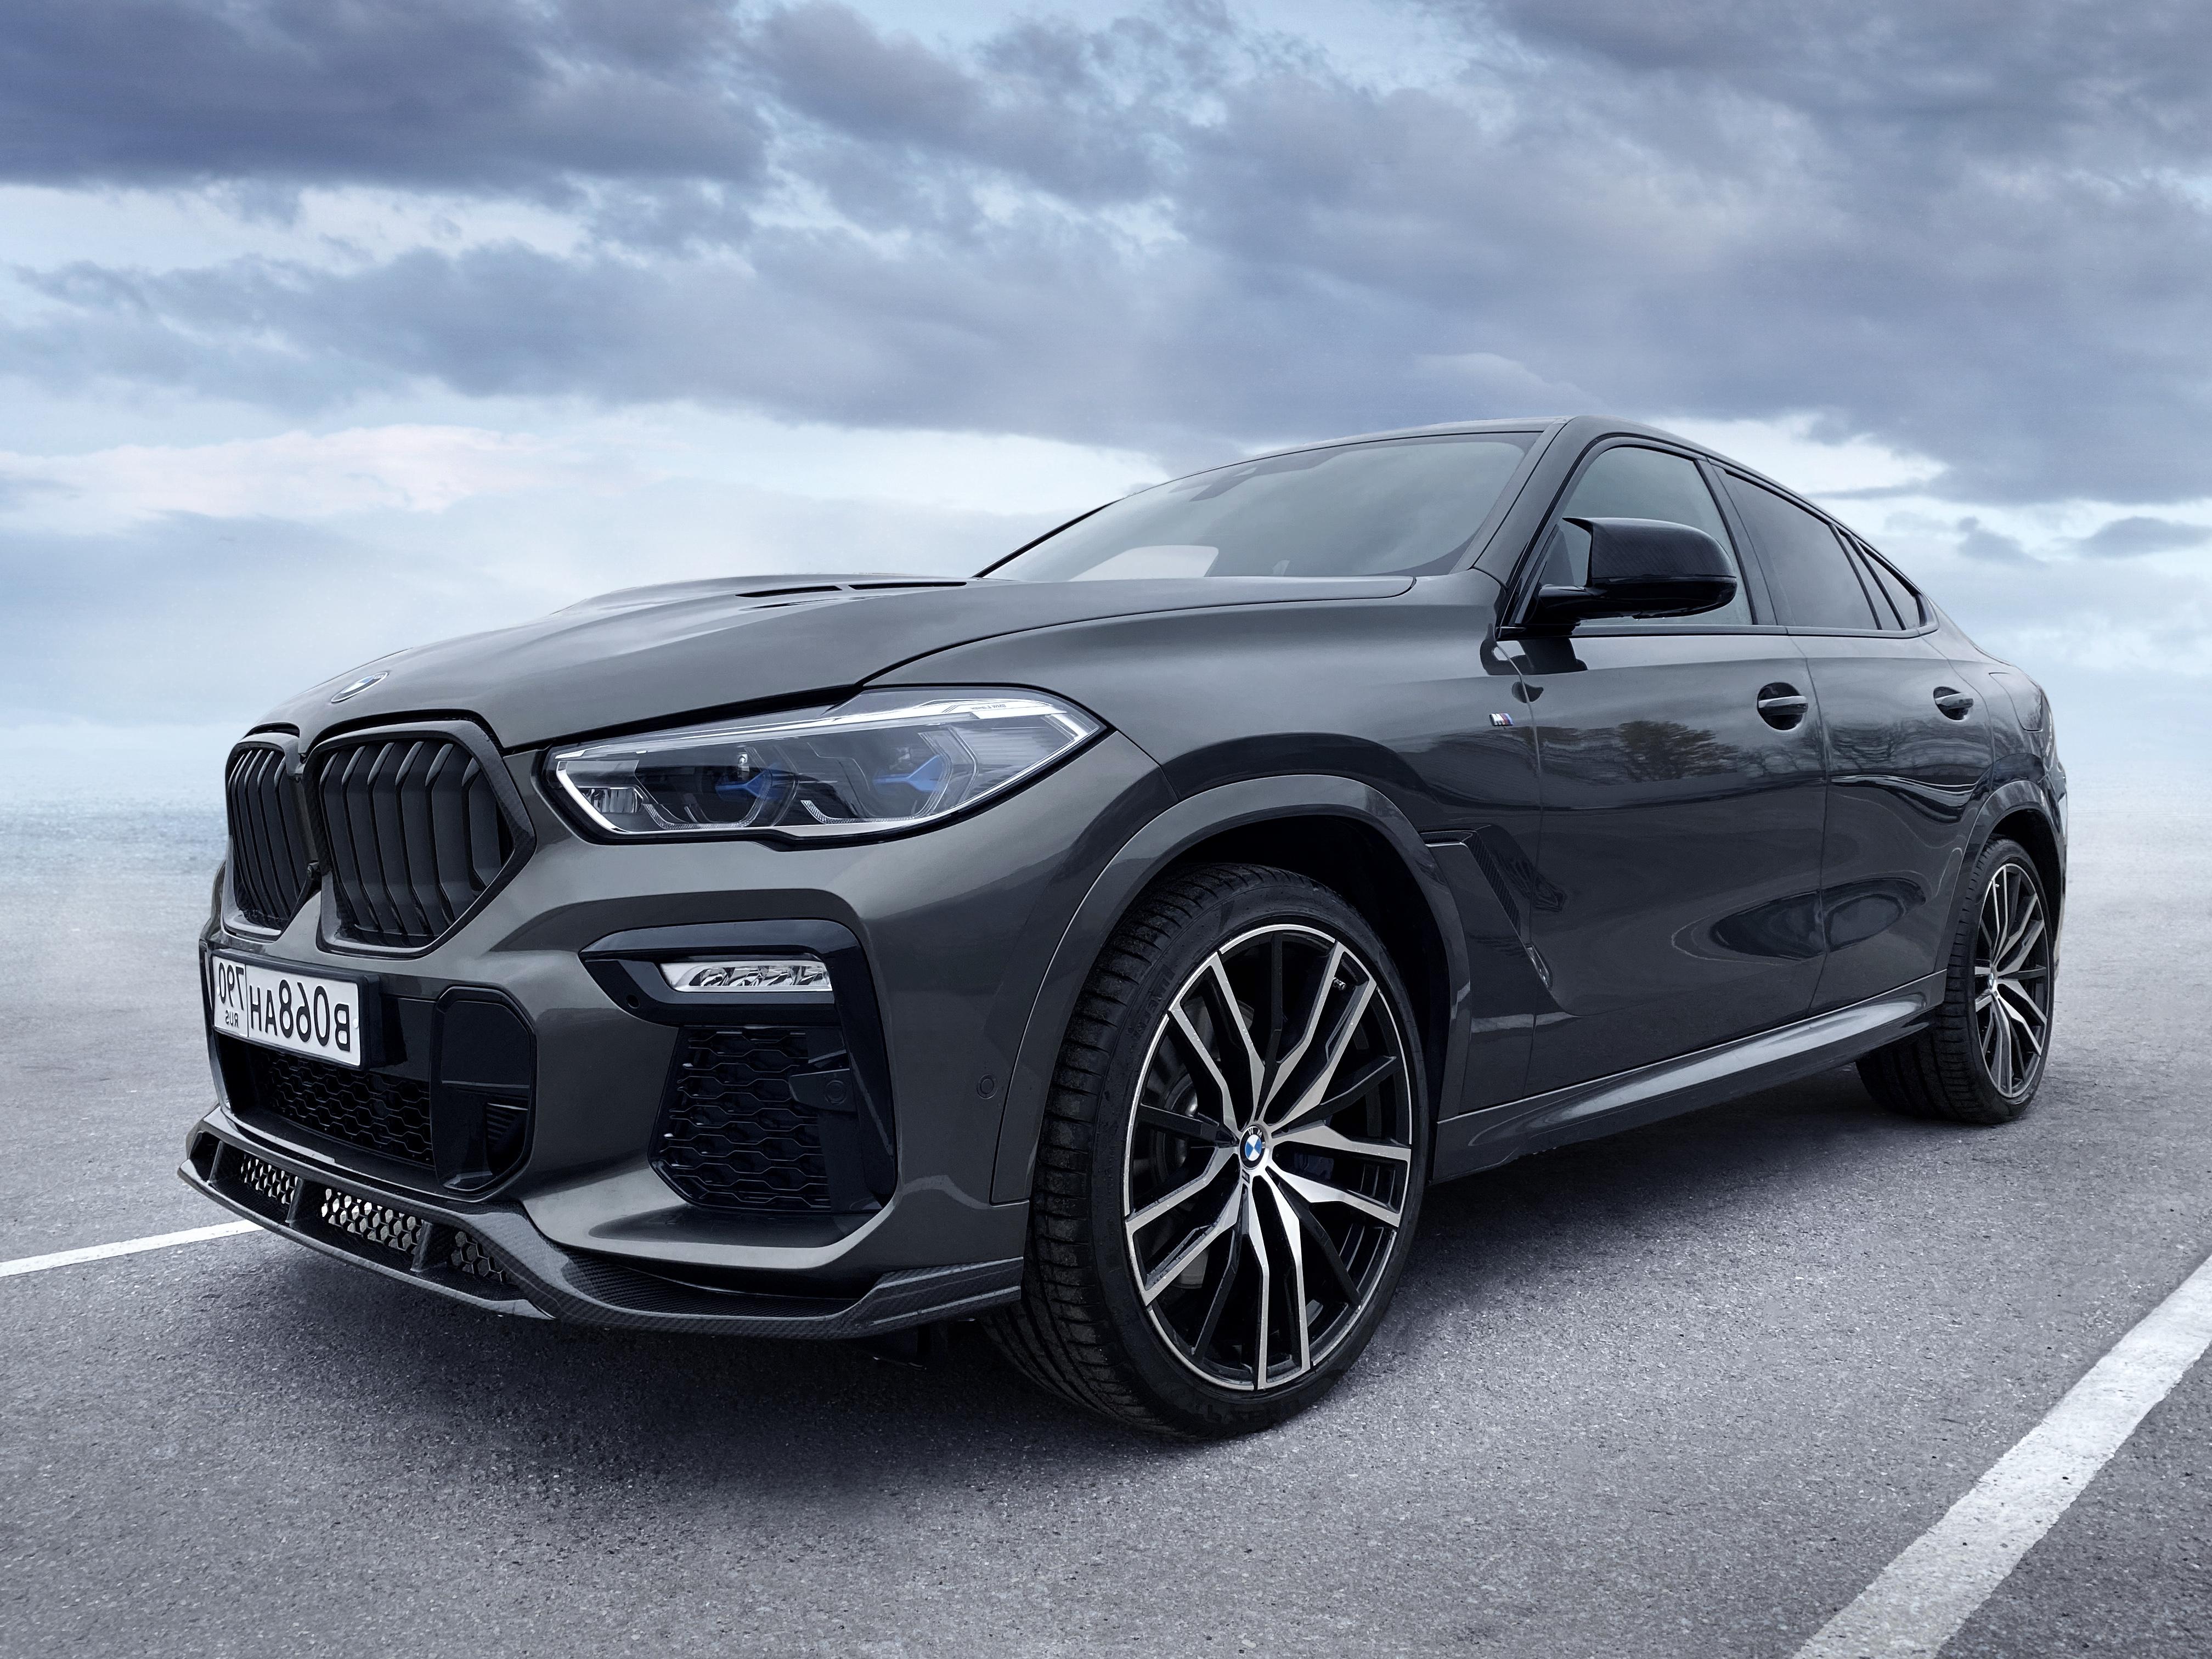 Тюнинг (карбон) Renegade для BMW X6 G06